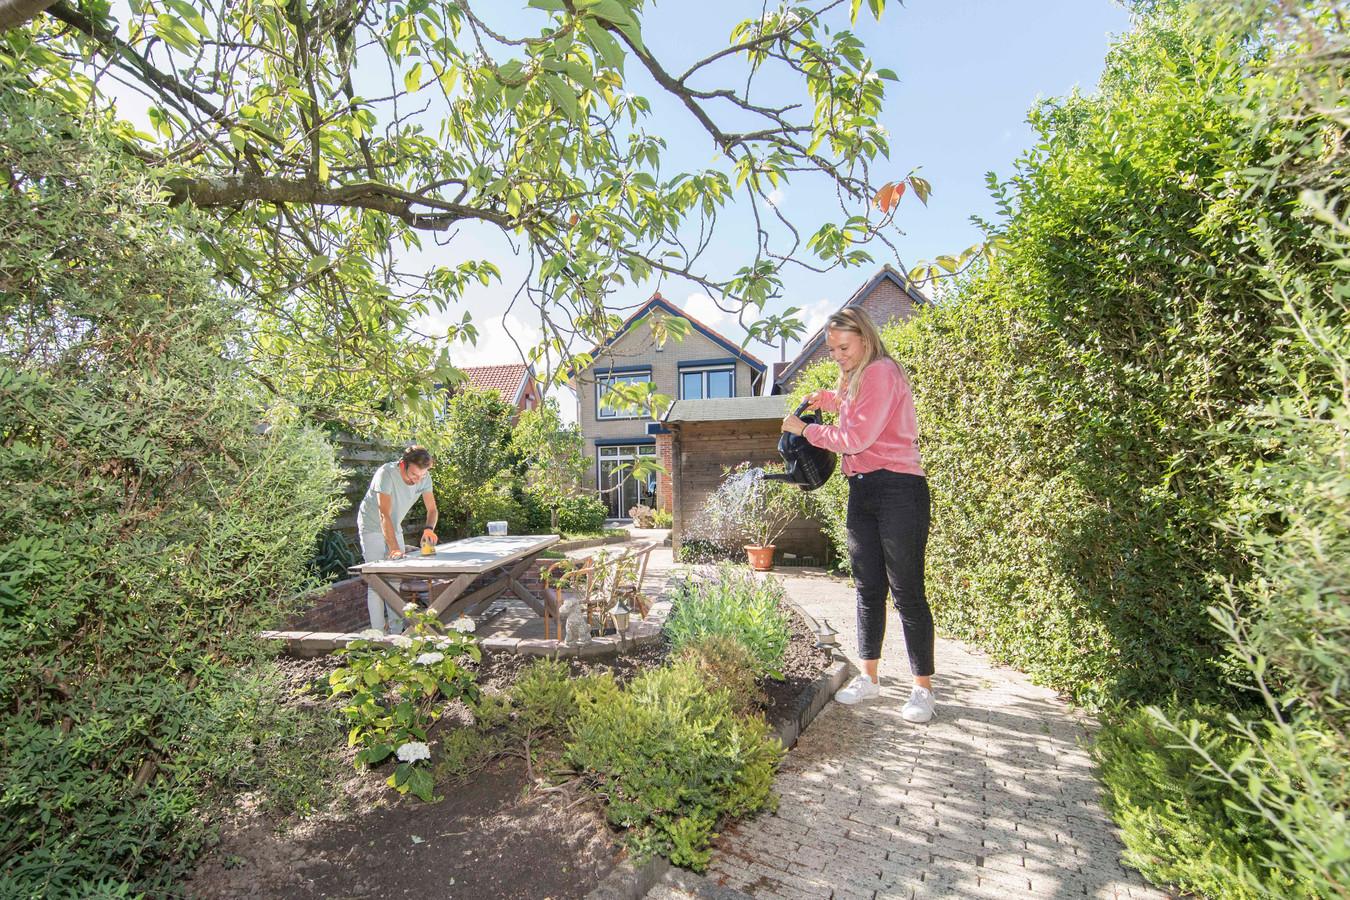 Supermarktmanager Daan Versteeg (30) en Mariëlle Timmerman (28), in het dagelijks leven facilitair projectmanager, zijn heel blij met hun grote tuin.